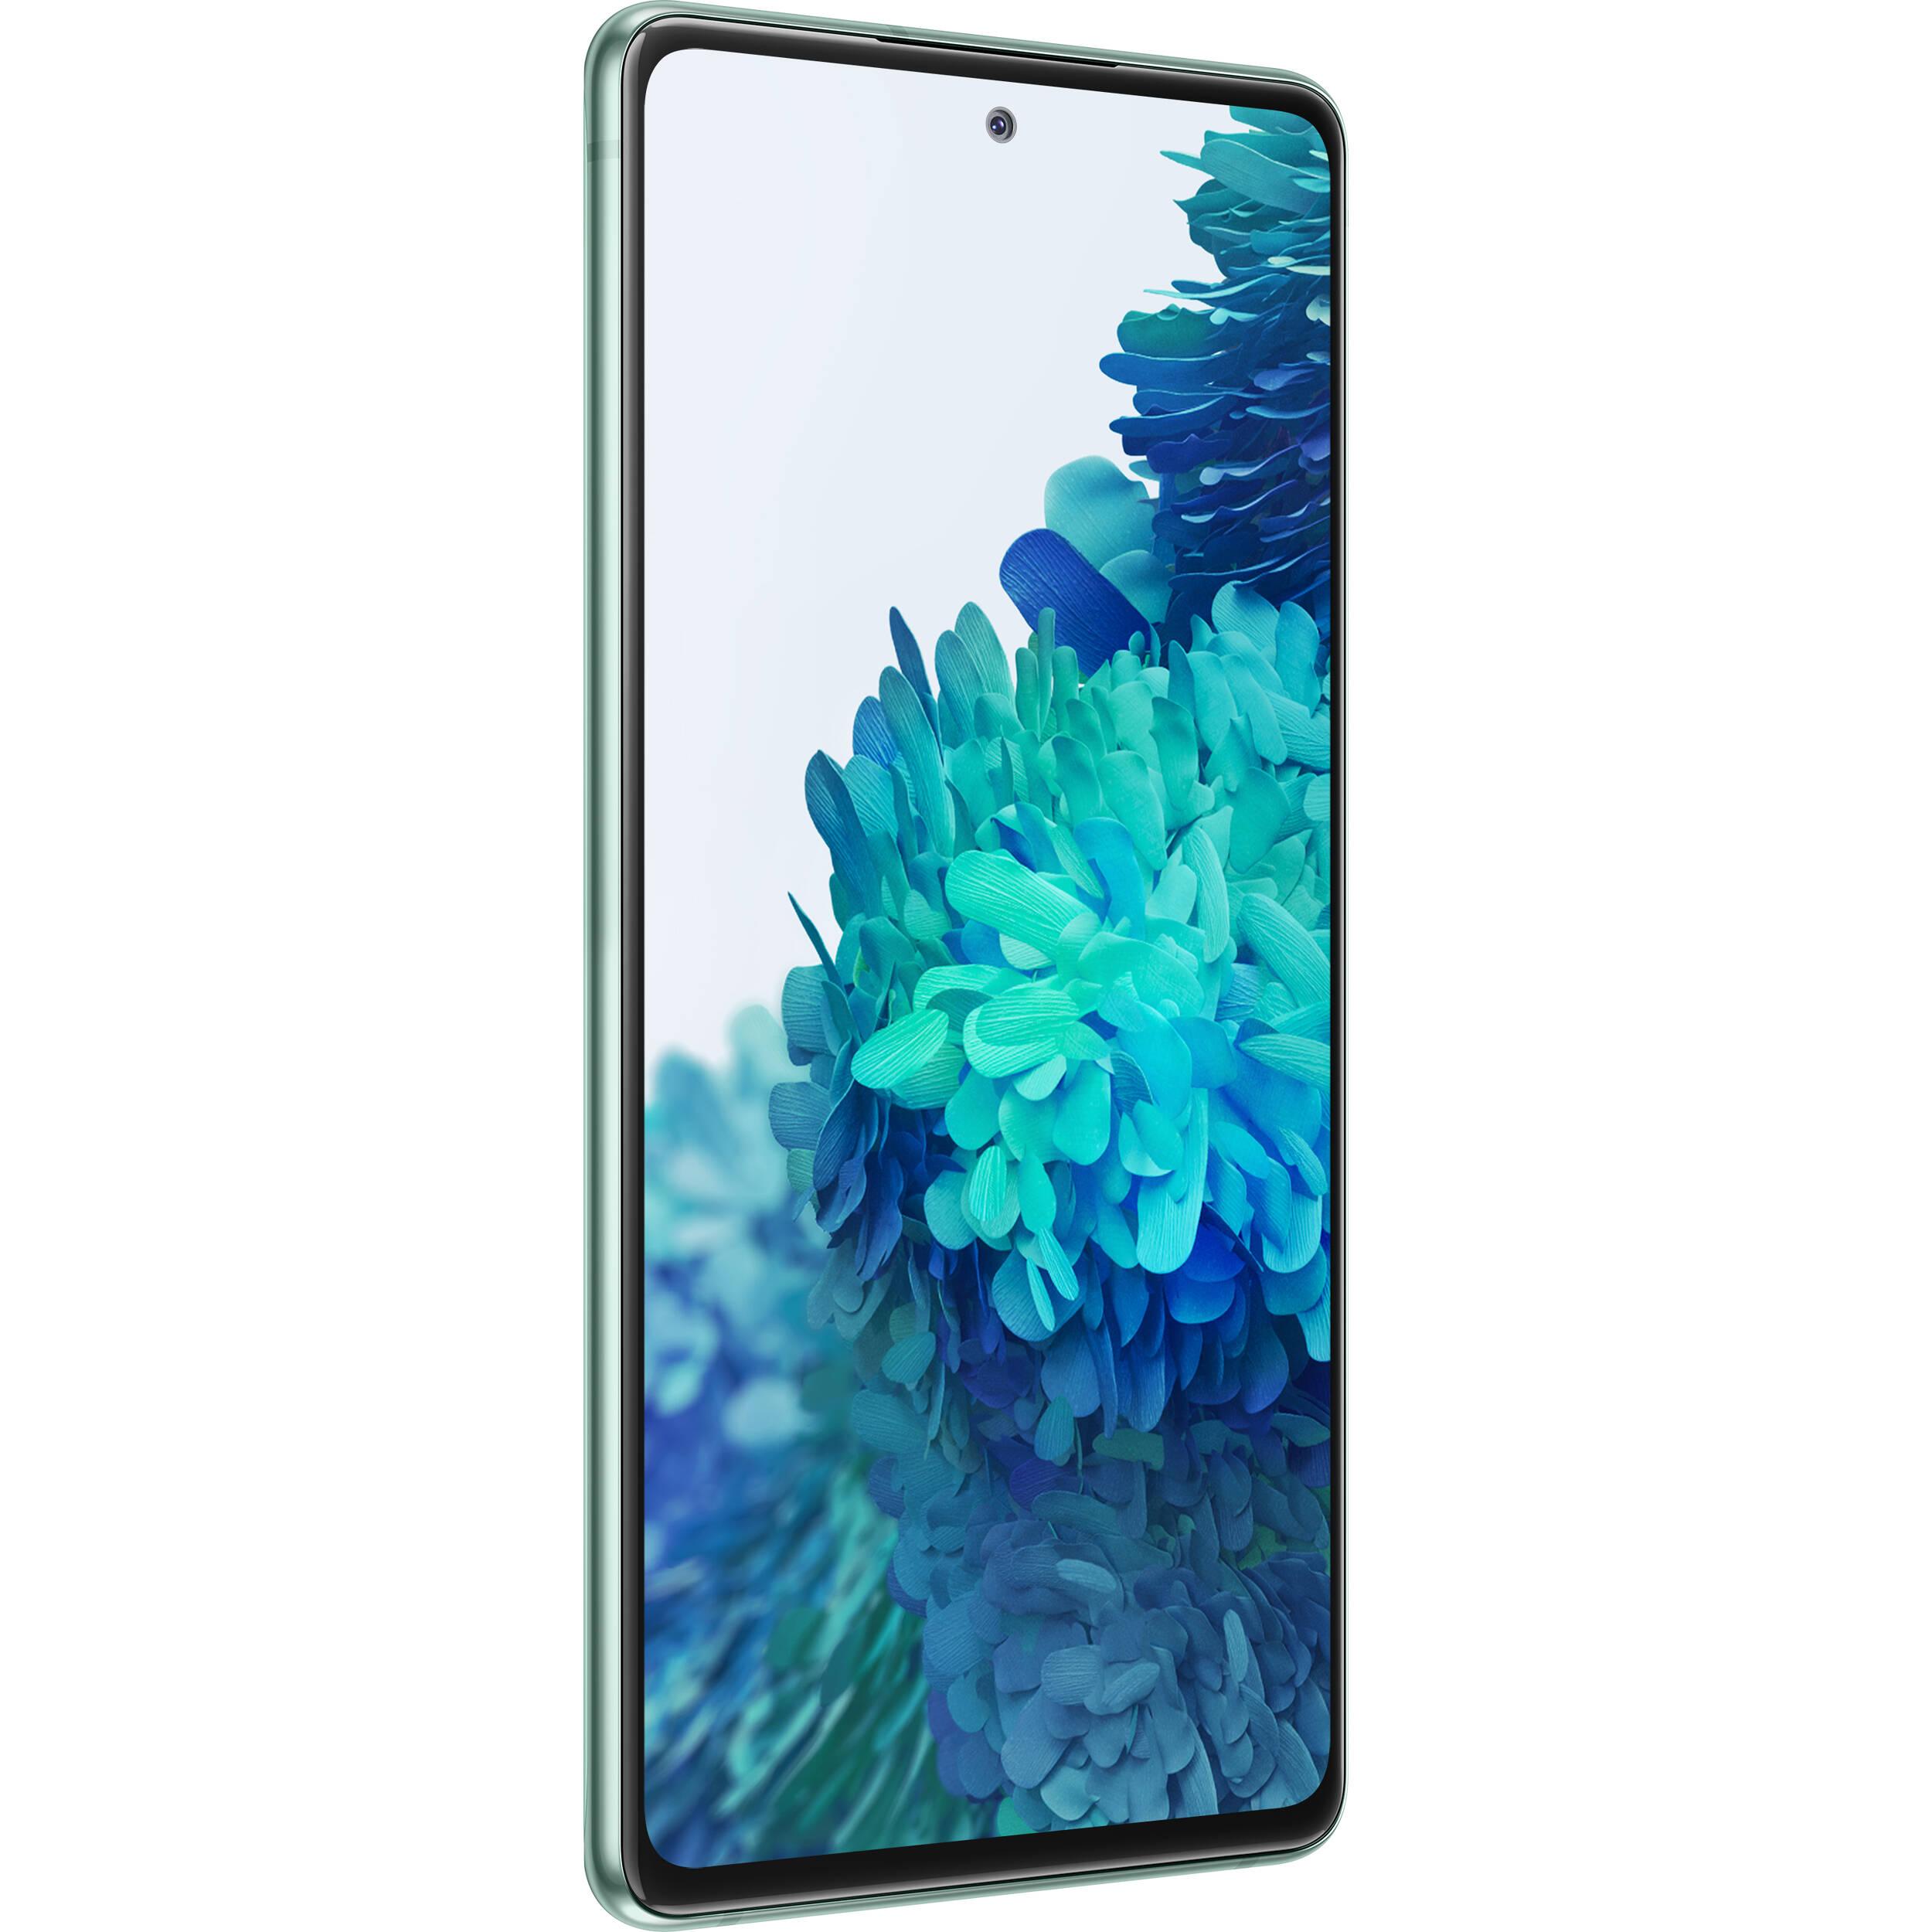 Samsung Galaxy S20 Fe 5g Sm G781u 128gb Smartphone